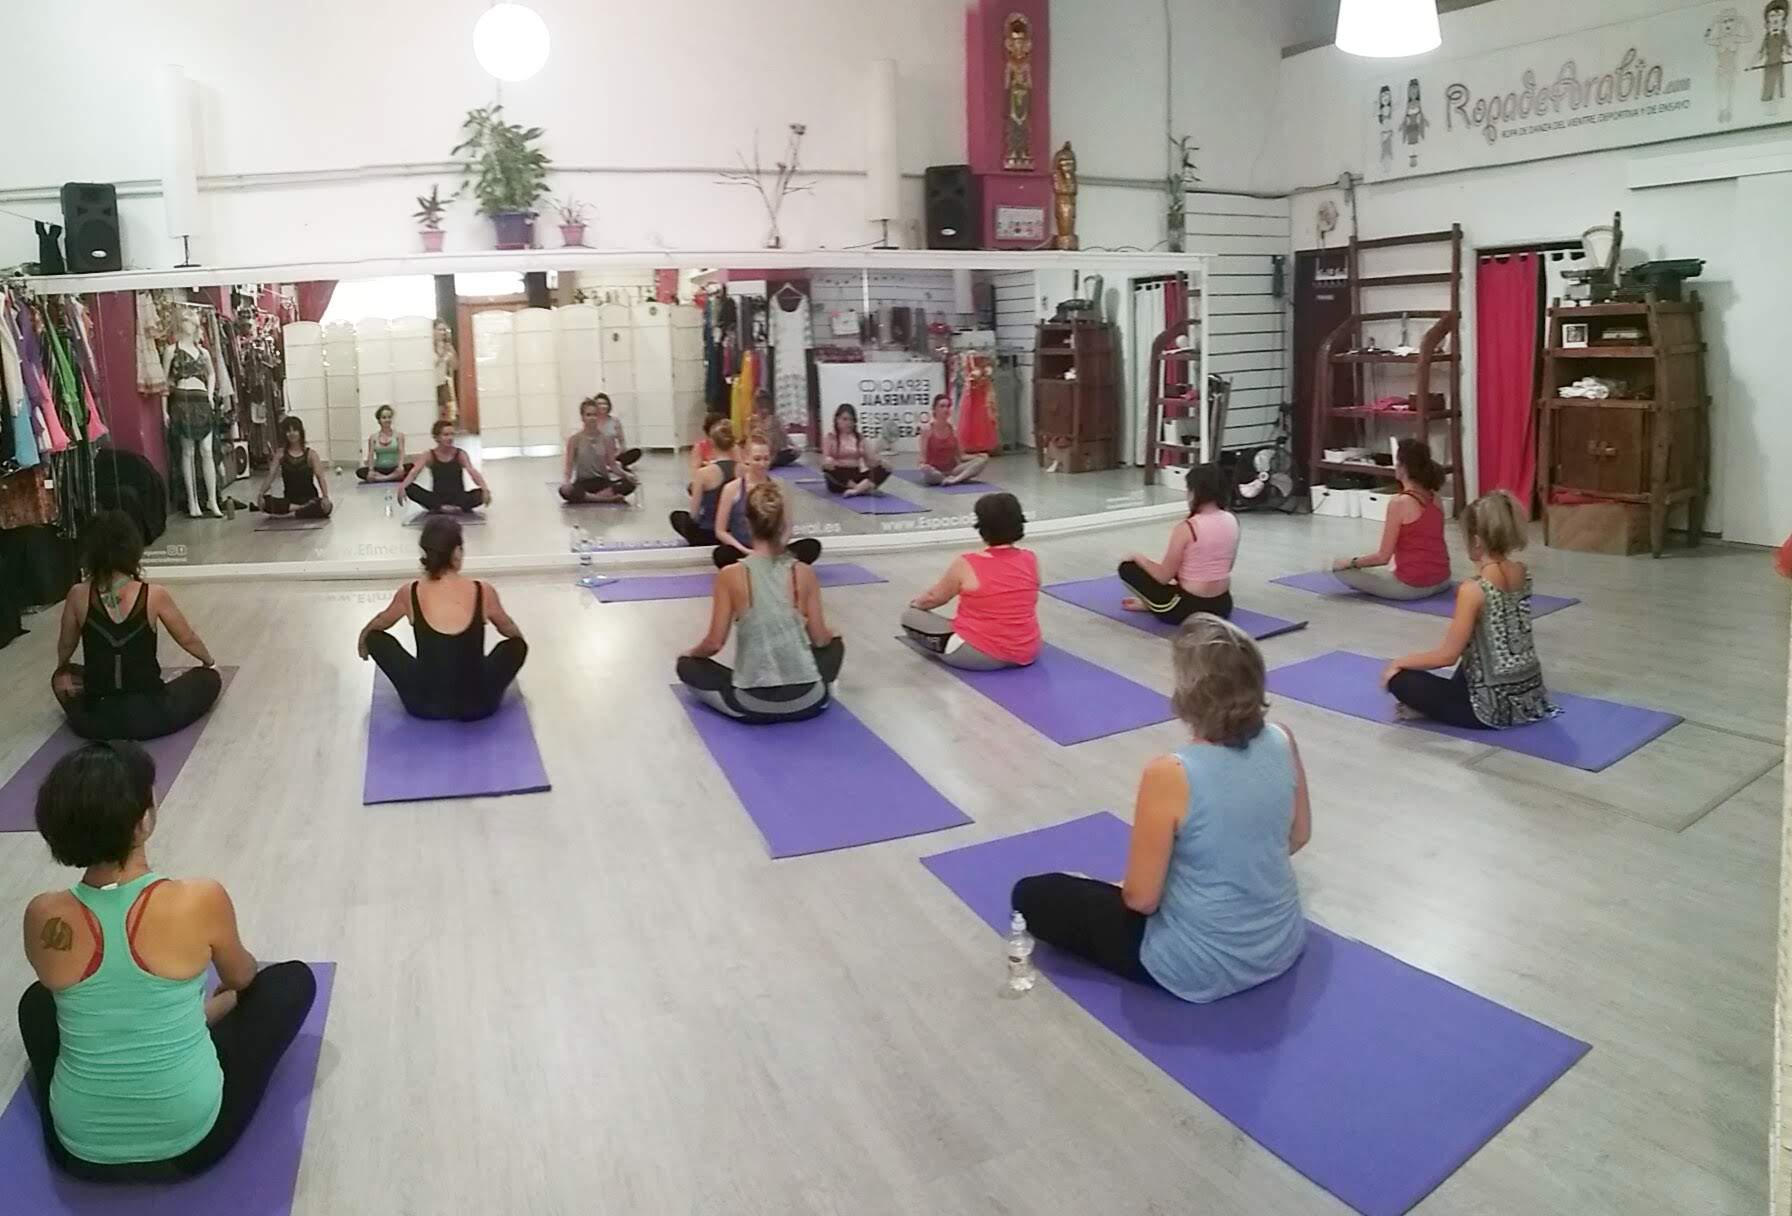 clases de yoga, pilates,